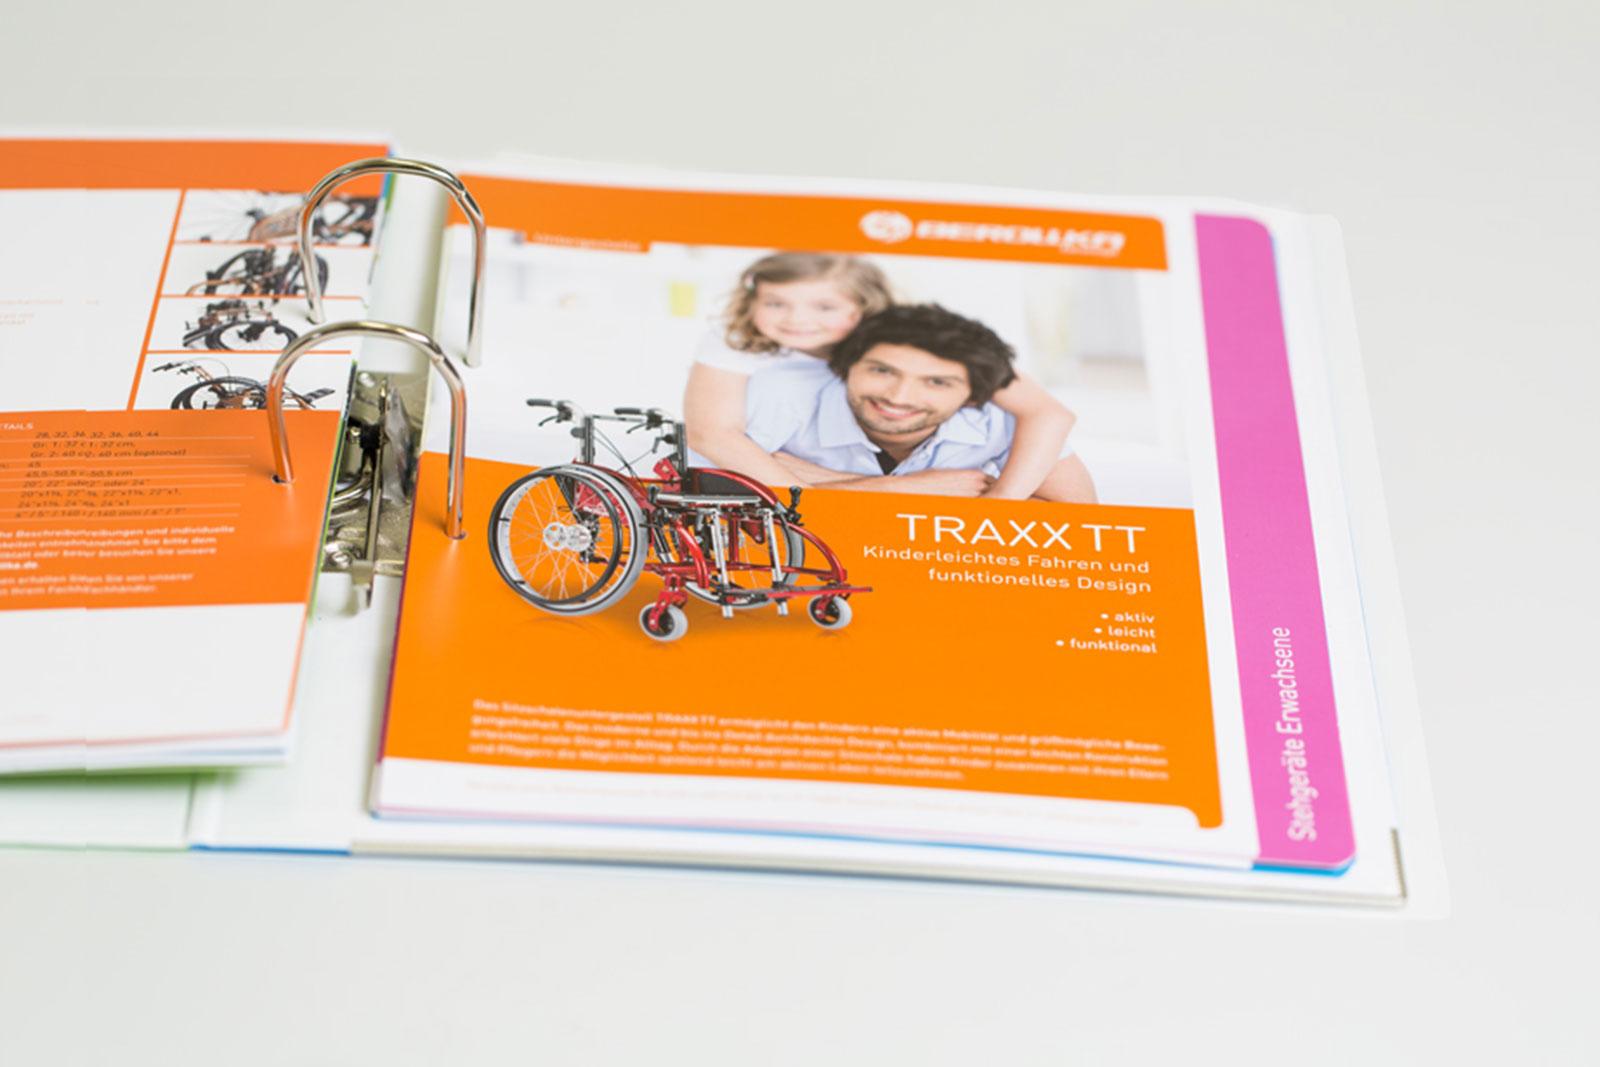 Markenentwicklung Rollstuhlhersteller